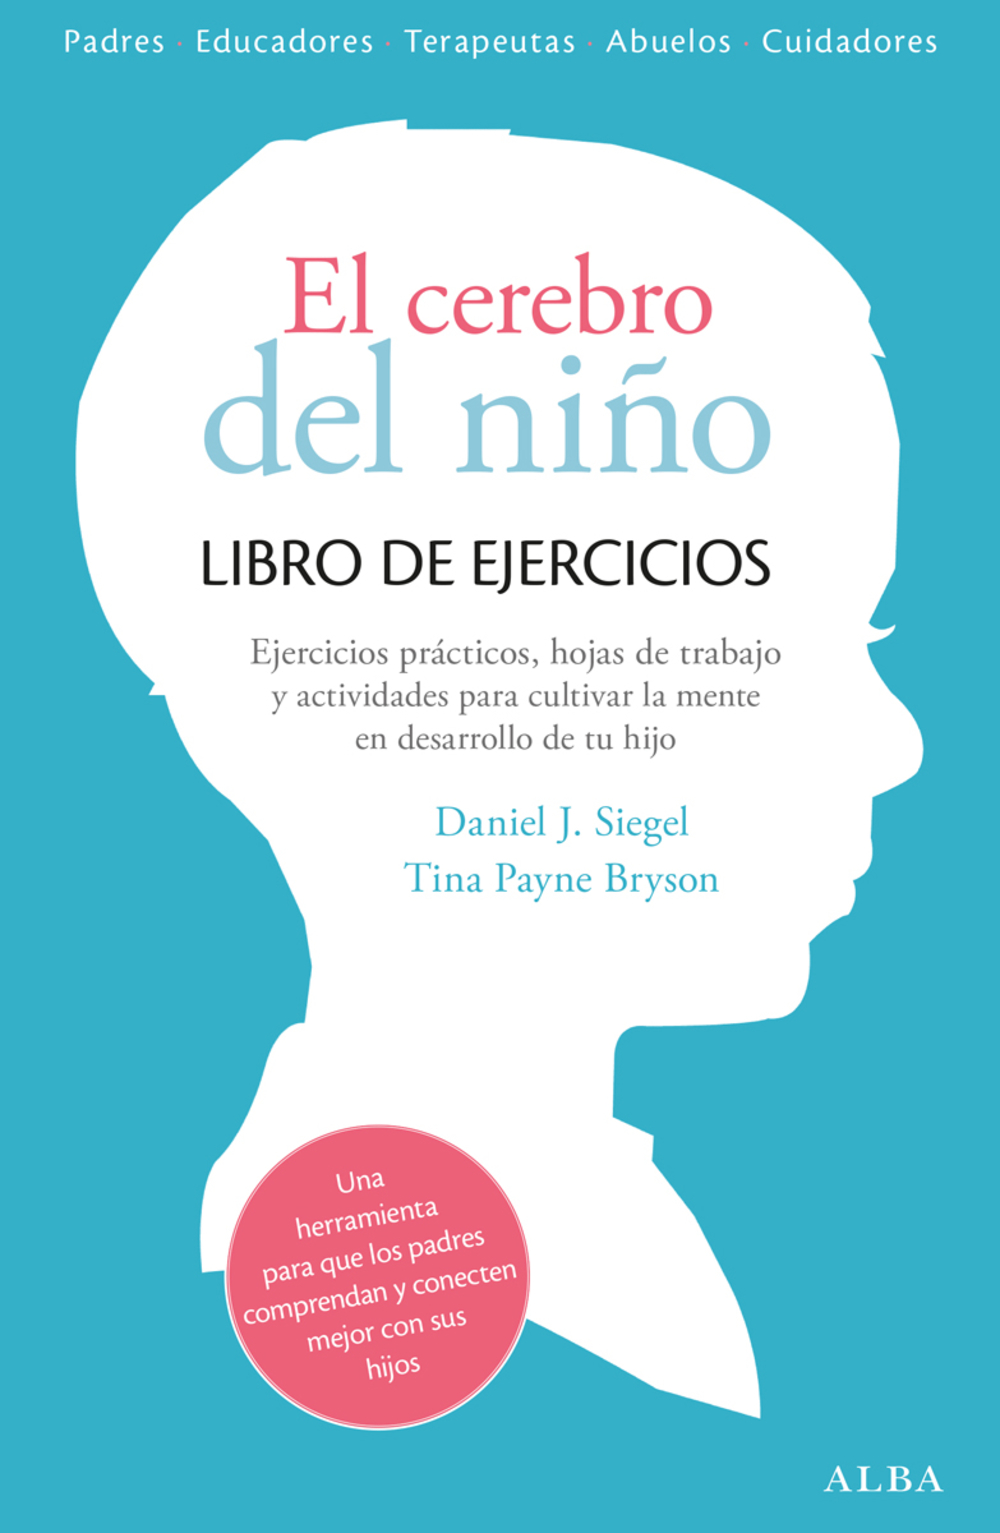 Centroamerica: Guatemala: Libros: Librerias Artemis Edinter: El cerebro del  niño. Libro de ejercicios, Daniel J. y Tina P. Siegel y Bryson